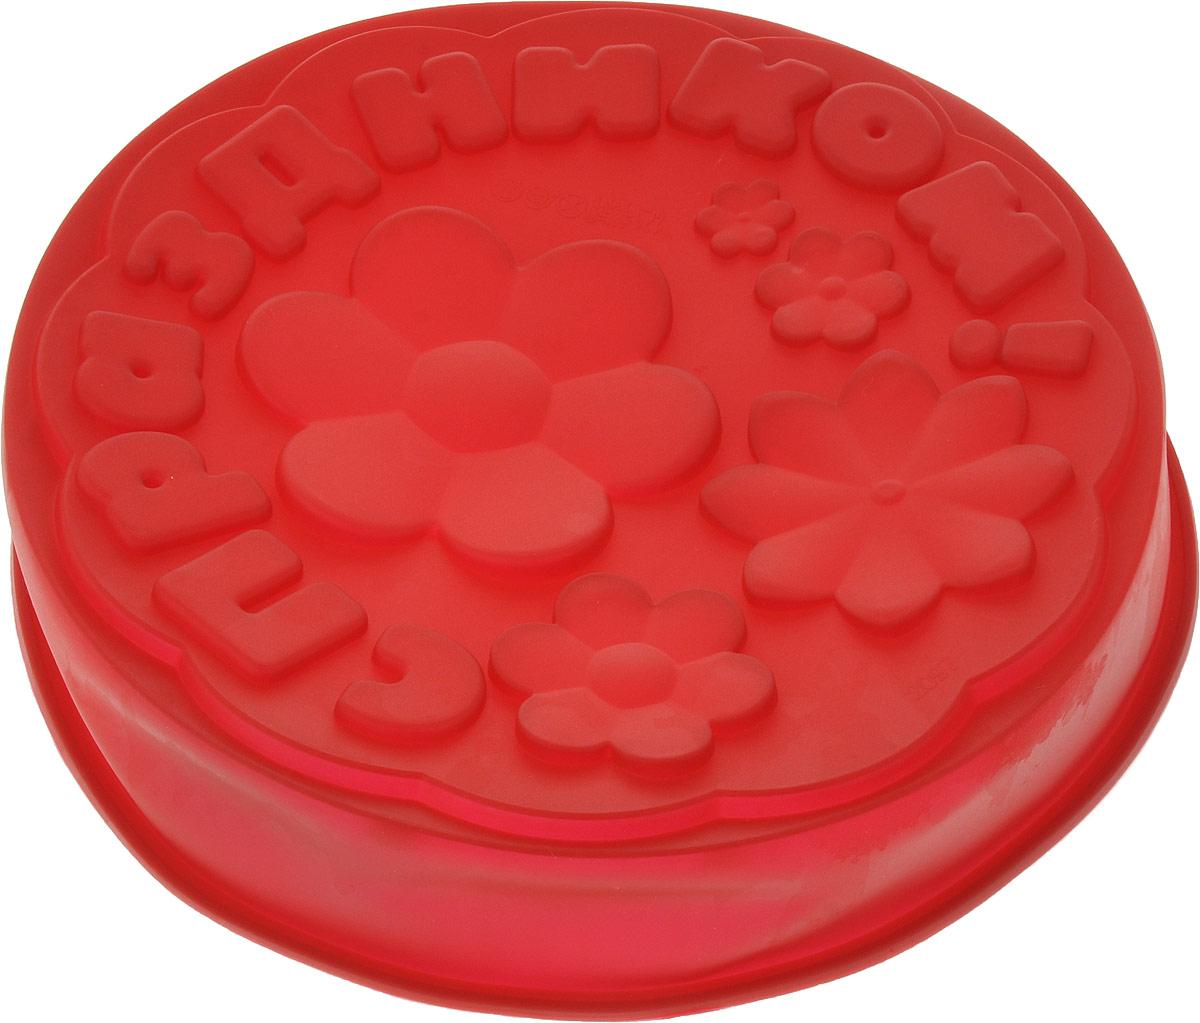 Форма для выпечки Доляна С Праздником, цвет: красный, 21,5 х 5 см1166844_краснаяФорма для выпечки Доляна С Праздником из силикона - современное решение для практичных и радушных хозяек. Оригинальный предмет позволяет готовить в духовке любимые блюда из мяса, рыбы, птицы и овощей, а также вкуснейшую выпечку.Особенности:Блюдо сохраняет нужную форму и легко отделяется от стенок после приготовления; Высокая термостойкость (от -40 до 230 С) позволяет применять форму в духовых шкафах и морозильных камерах; Небольшая масса делает эксплуатацию предмета простой даже для хрупкой женщины; Силикон пригоден для посудомоечных машин; Высокопрочный материал делает форму долговечным инструментом; При хранении предмет занимает мало места.Перед первым применением промойте предмет теплой водой.В процессе приготовления используйте кухонный инструмент из дерева, пластика или силикона.Перед извлечением блюда из силиконовой формы дайте ему немного остыть, осторожно отогните края предмета.Готовьте с удовольствием!